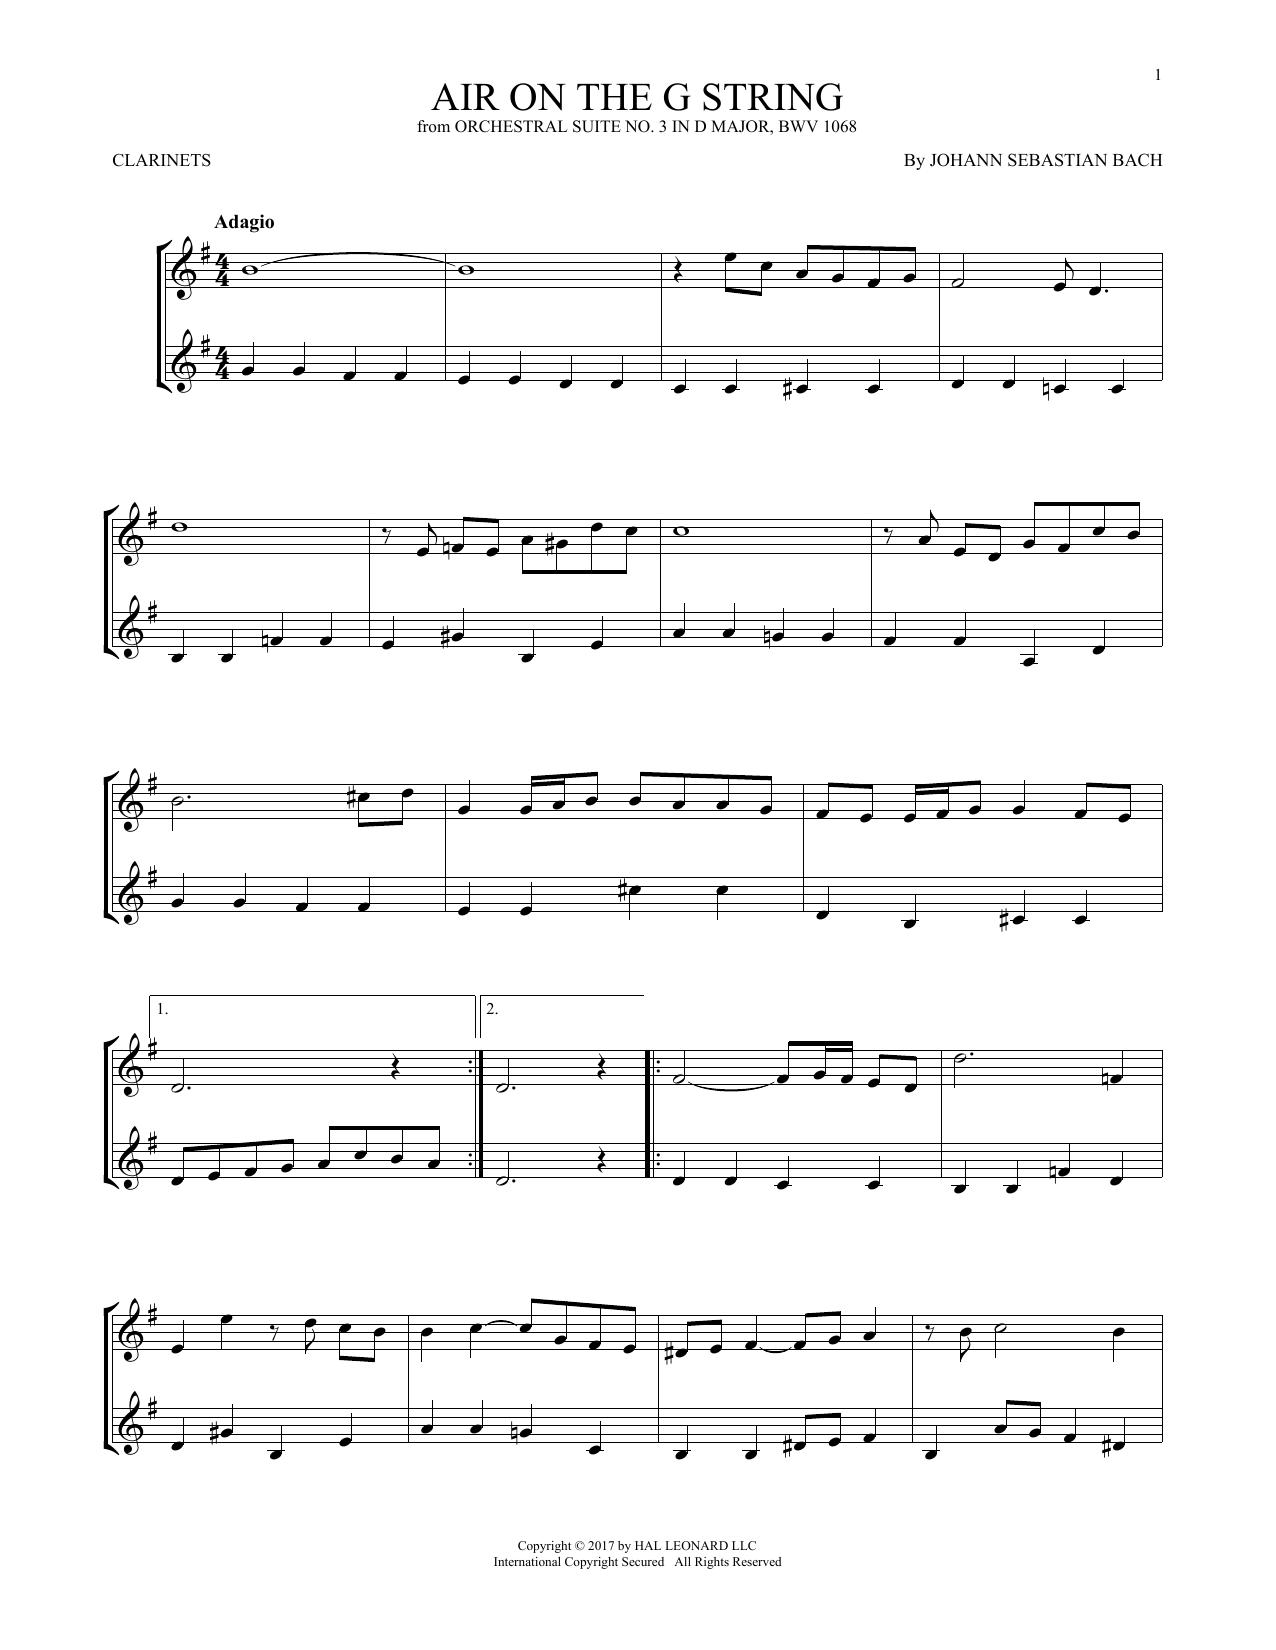 Johann Sebastian Bach 'Air (Air On The G String)' Sheet Music Notes, Chords  | Download Printable Clarinet Duet - SKU: 253341